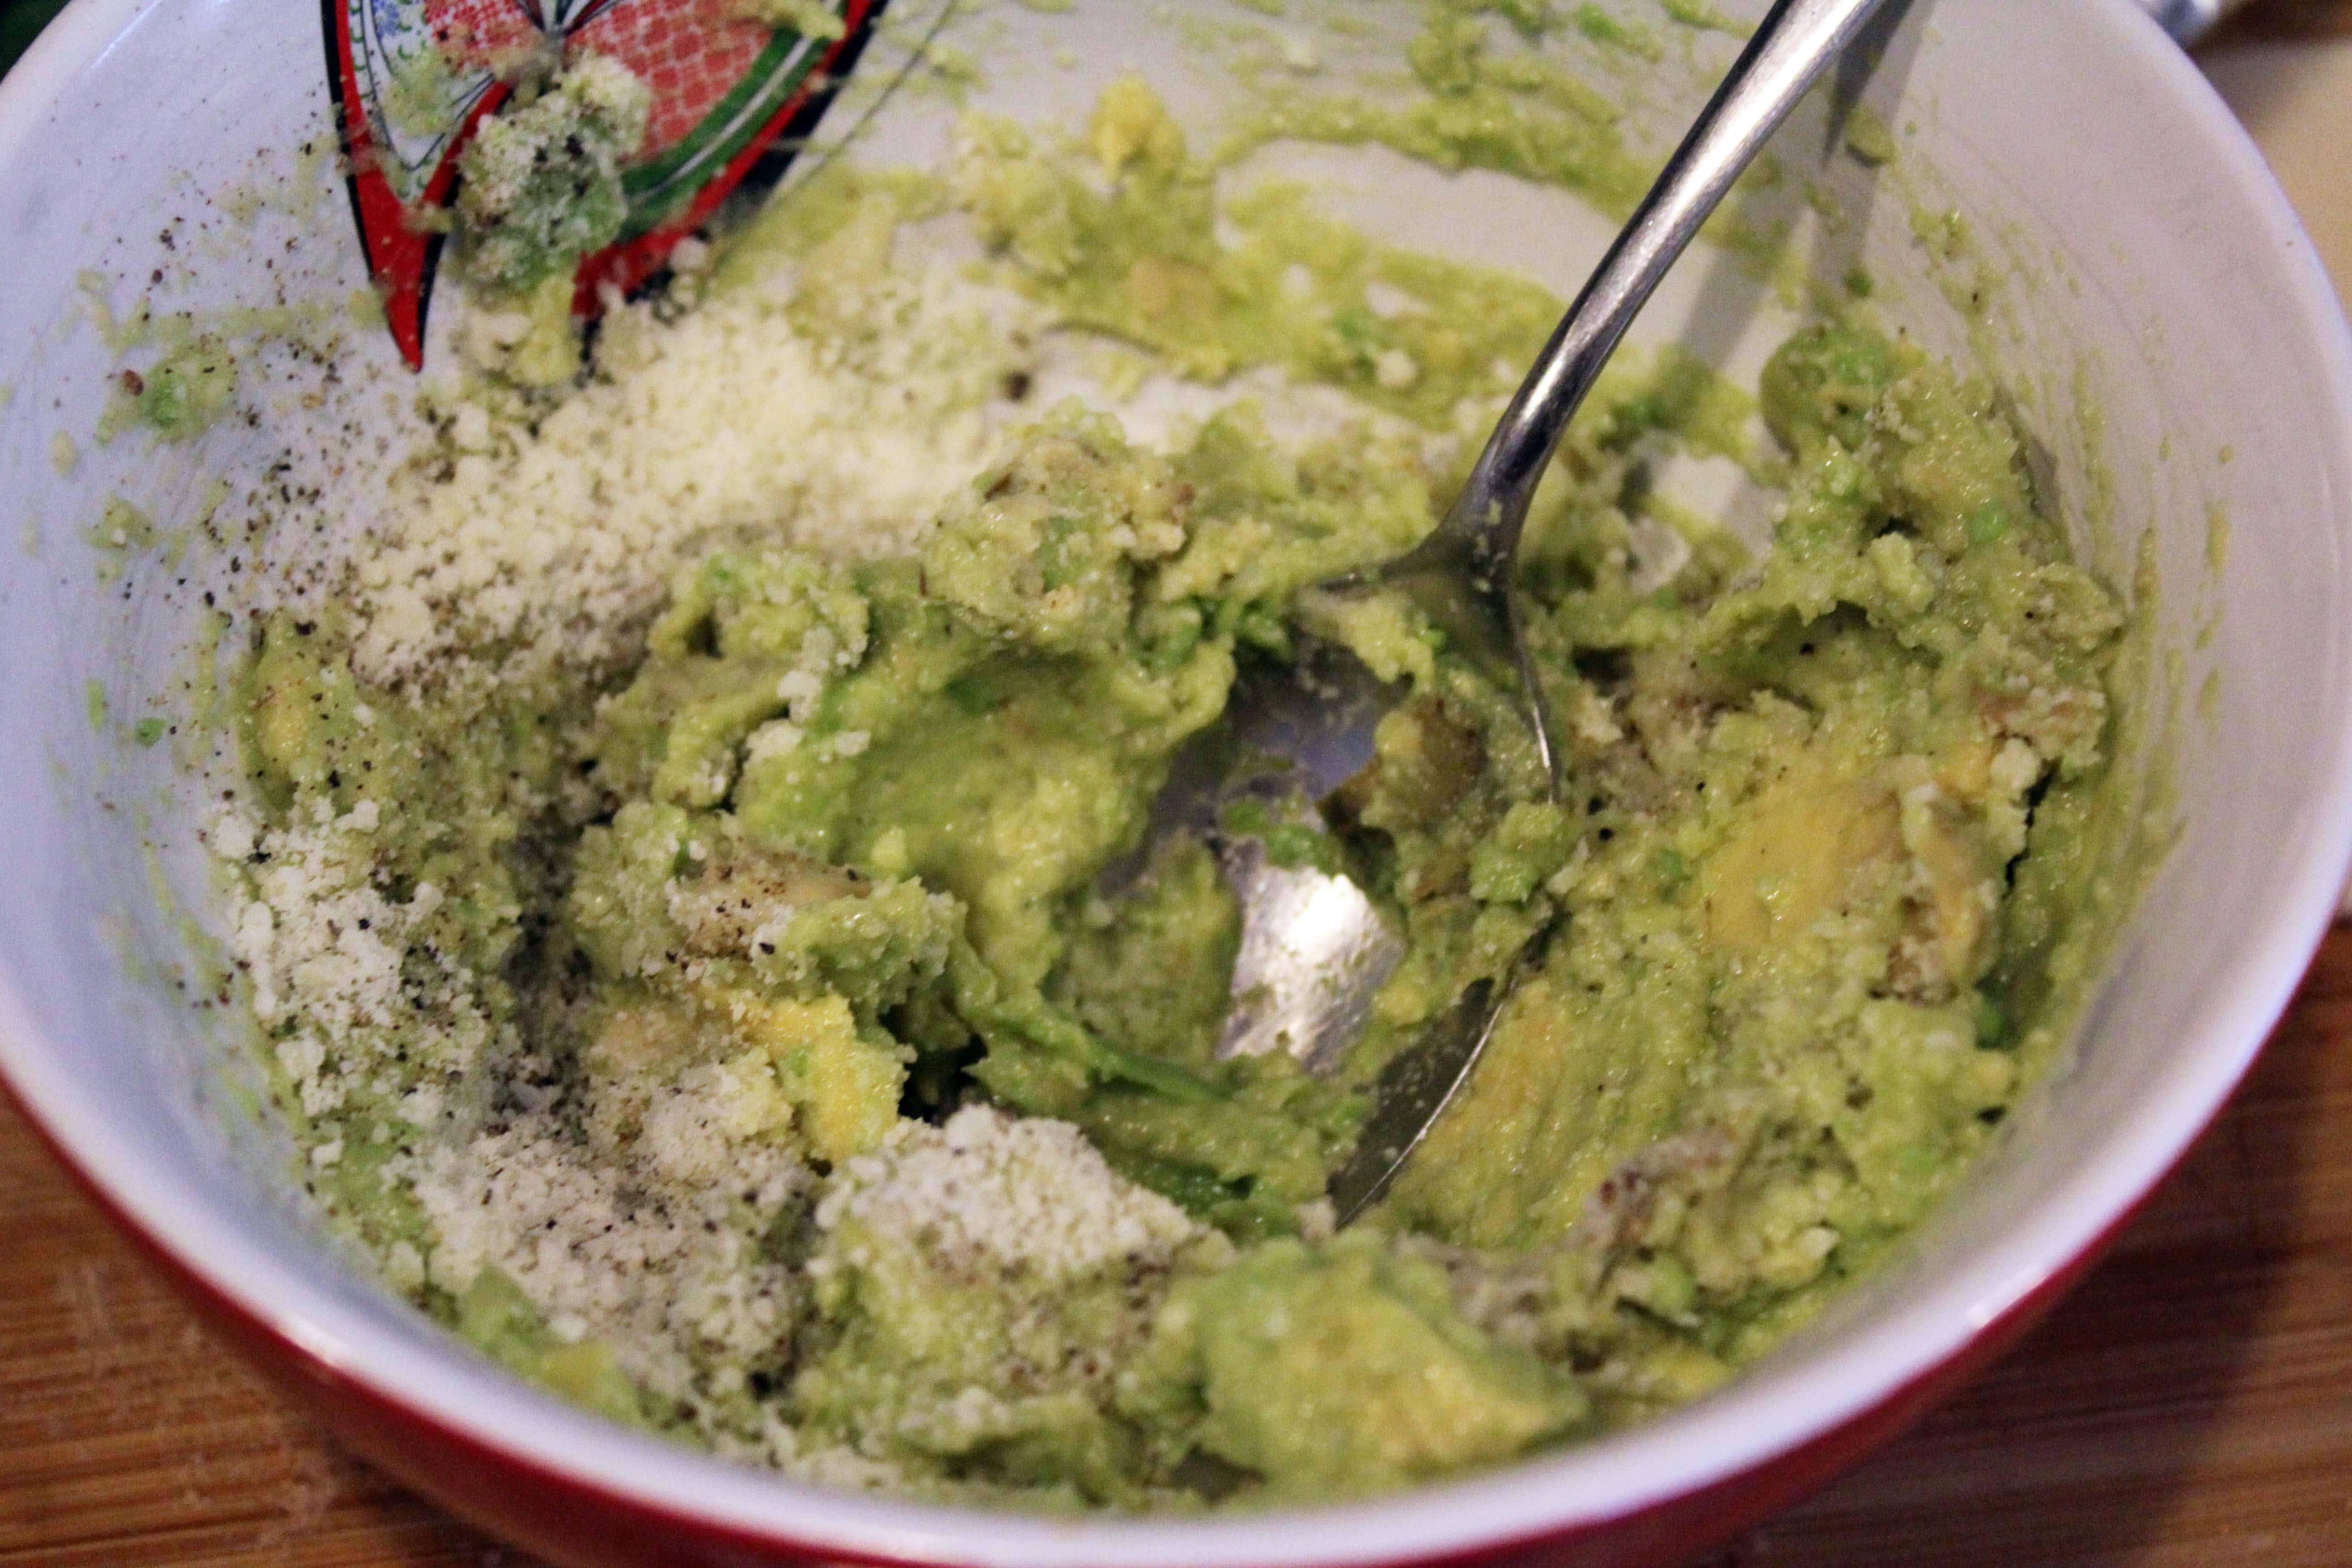 Mash avocado filling together